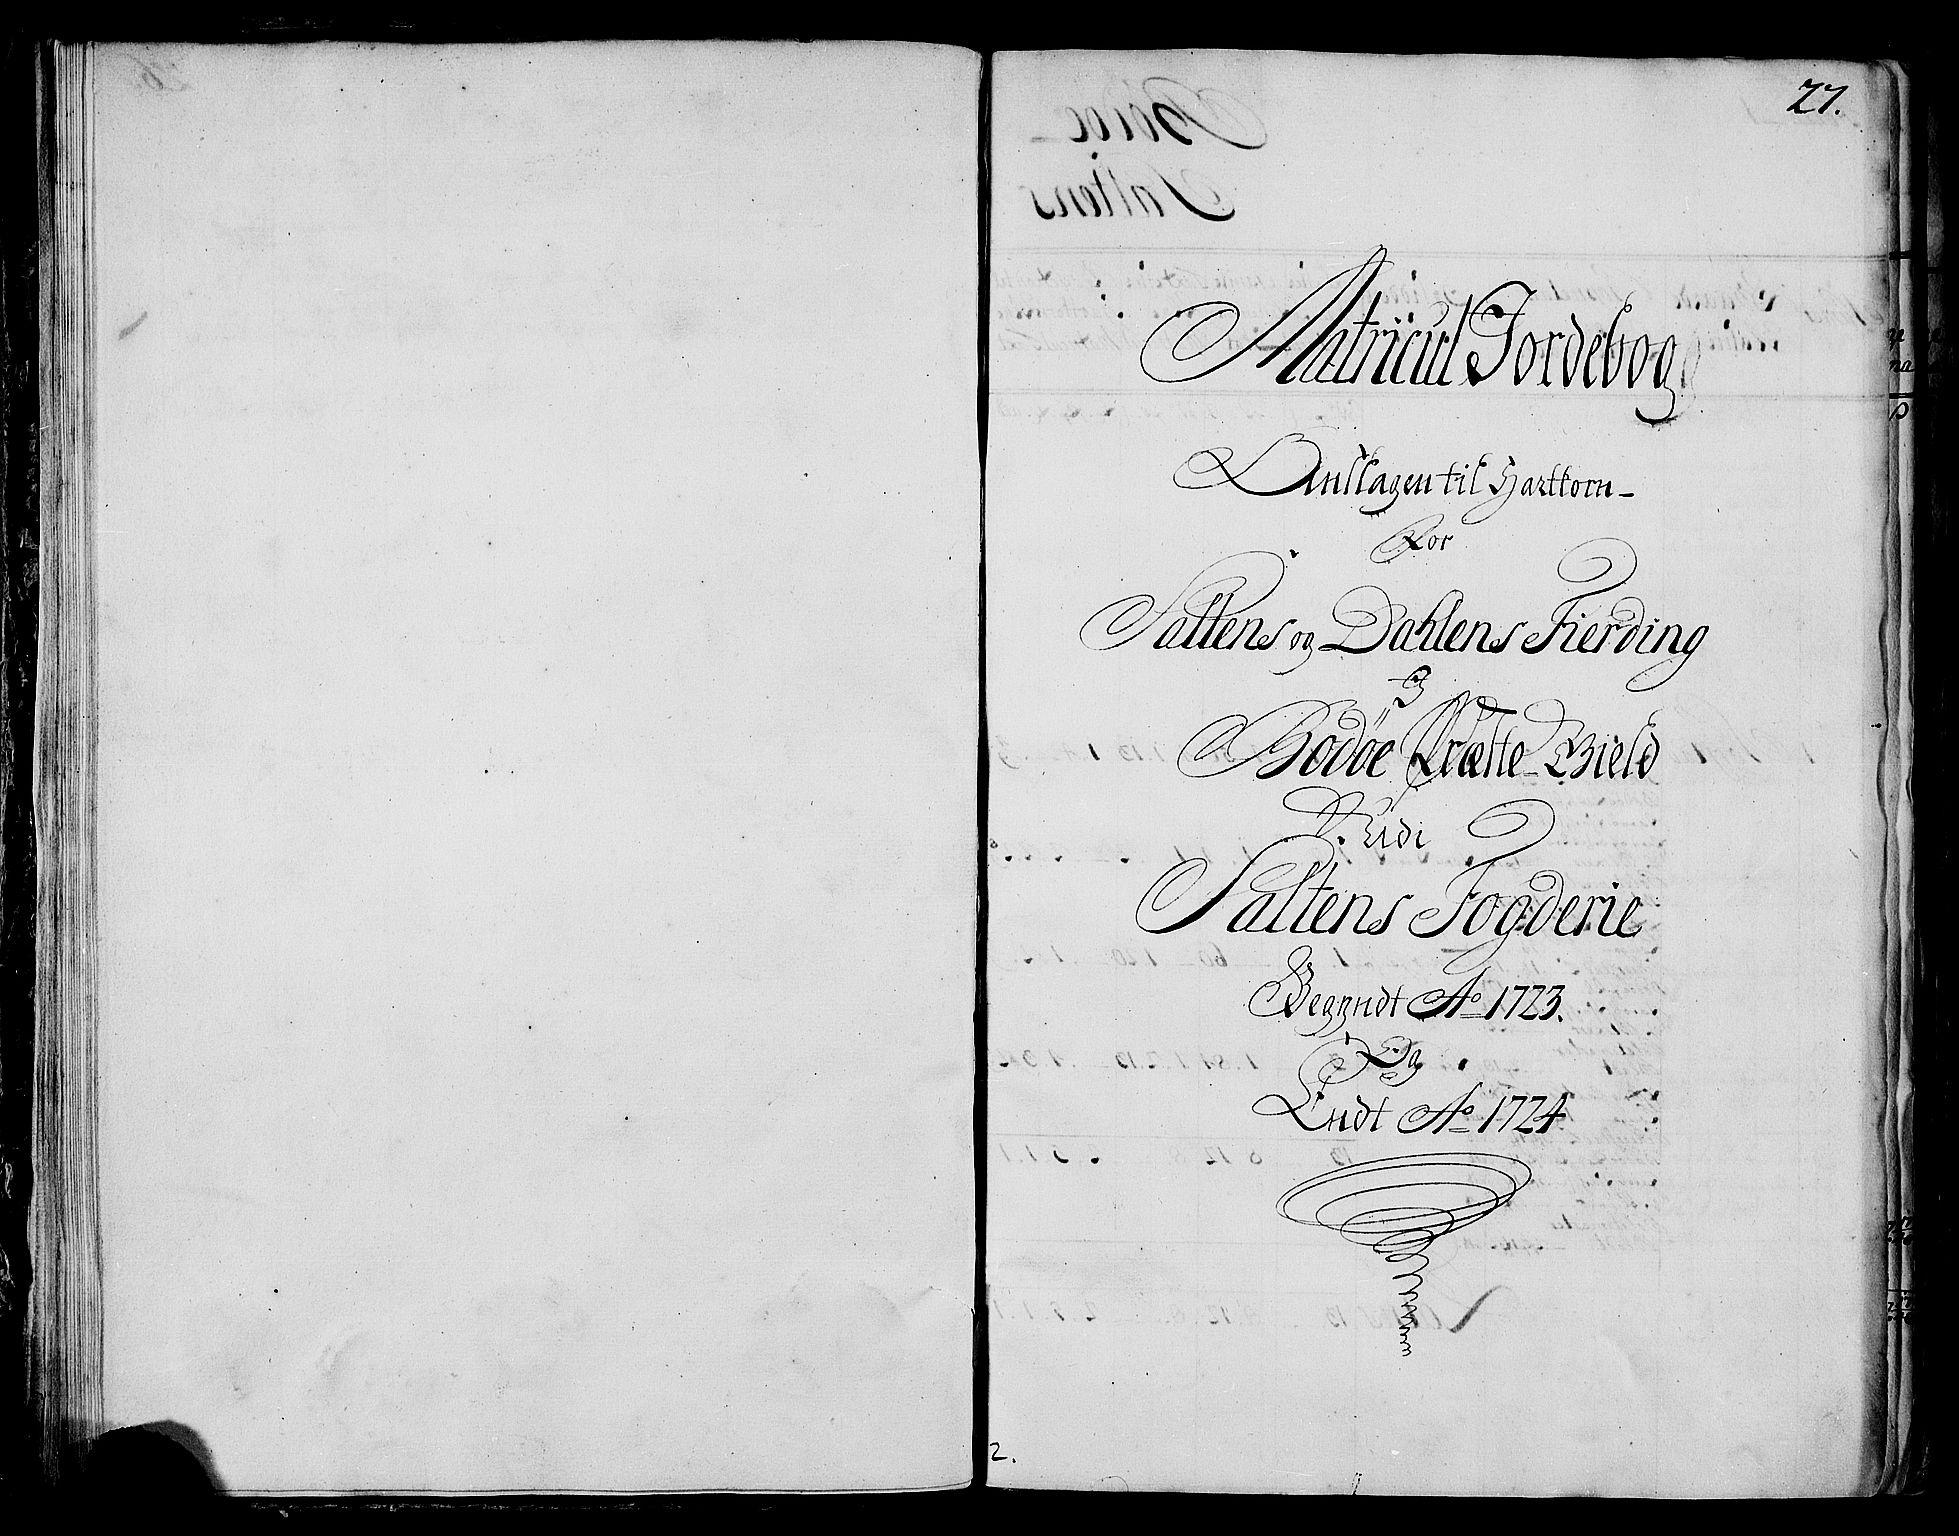 RA, Rentekammeret inntil 1814, Realistisk ordnet avdeling, N/Nb/Nbf/L0173: Salten matrikkelprotokoll, 1723, s. 26b-27a